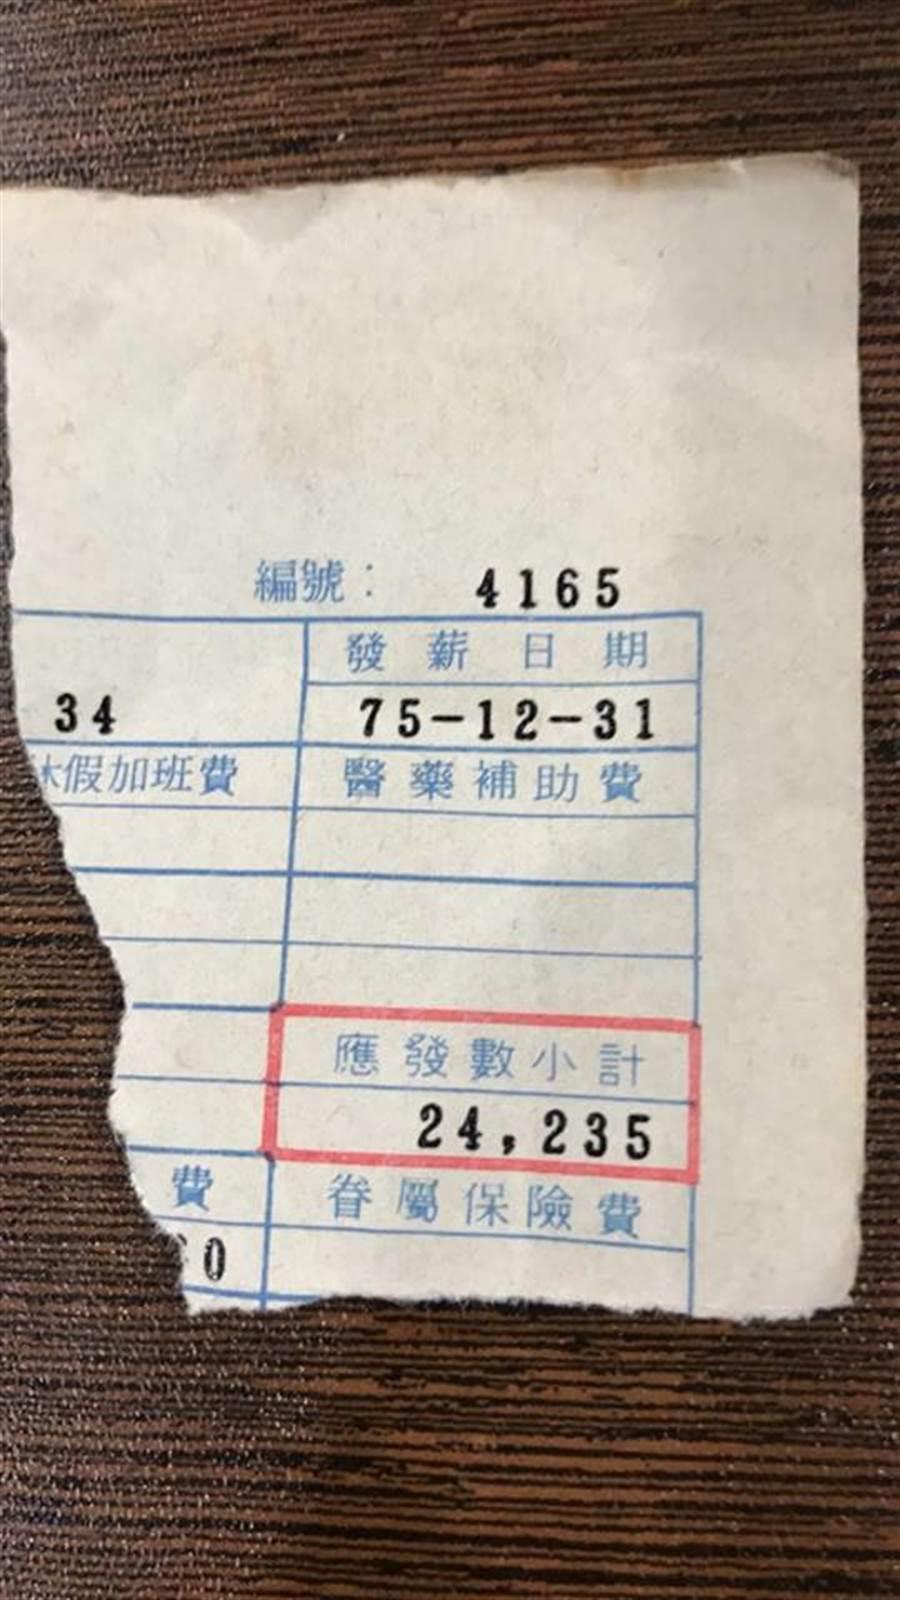 只見上面日期為「75/12/31」,而薪資是「24235元」,讓不少人看完很感慨(圖翻攝自/爆廢公社)